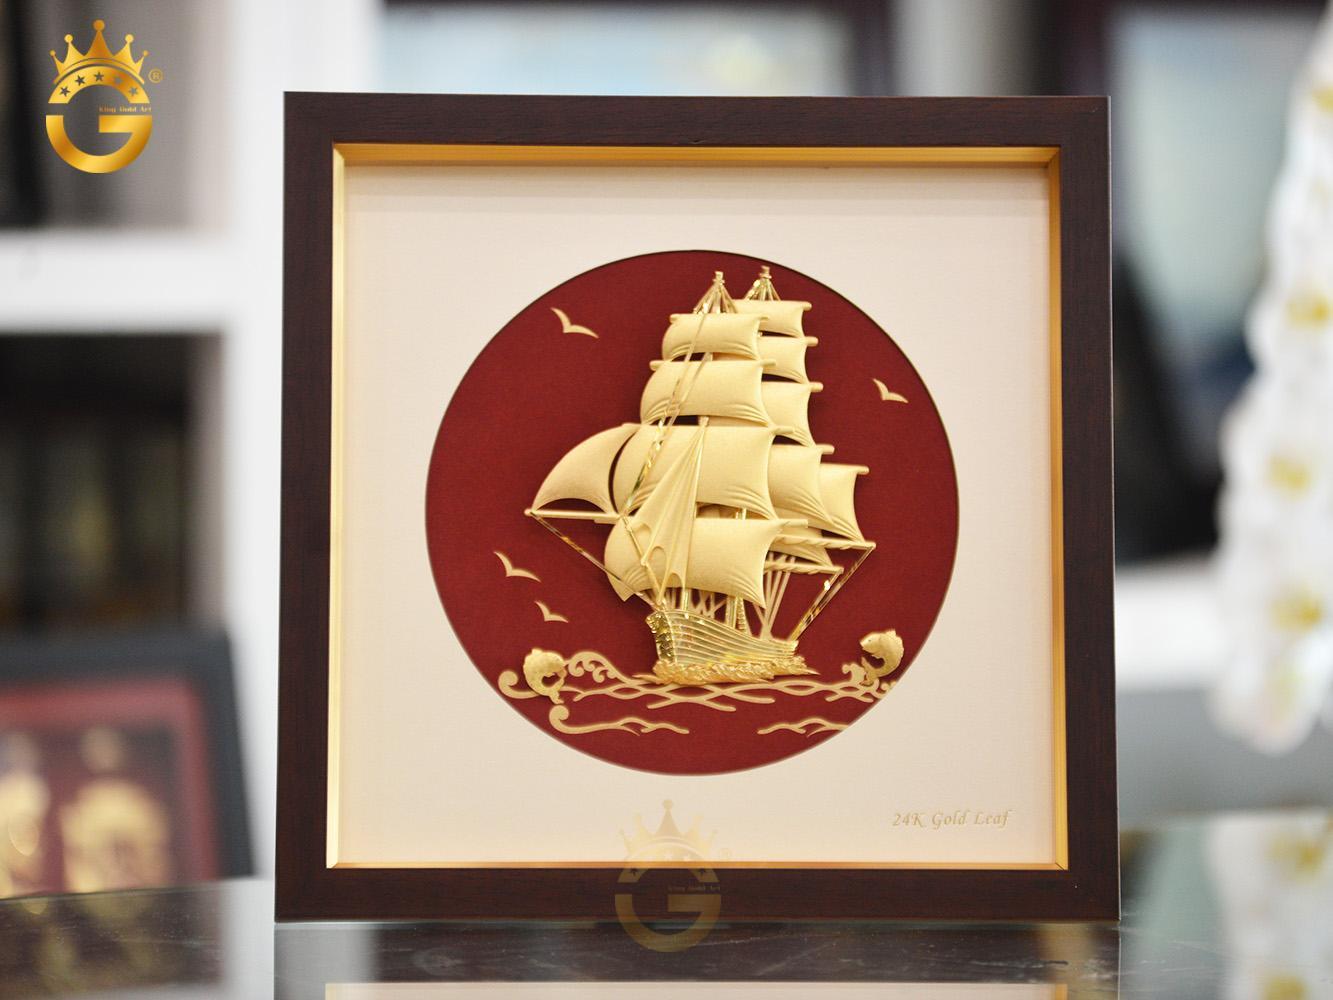 Quà tặng vàng, tranh thuyền buồm dát vàng 24k đẹp tinh xảo0